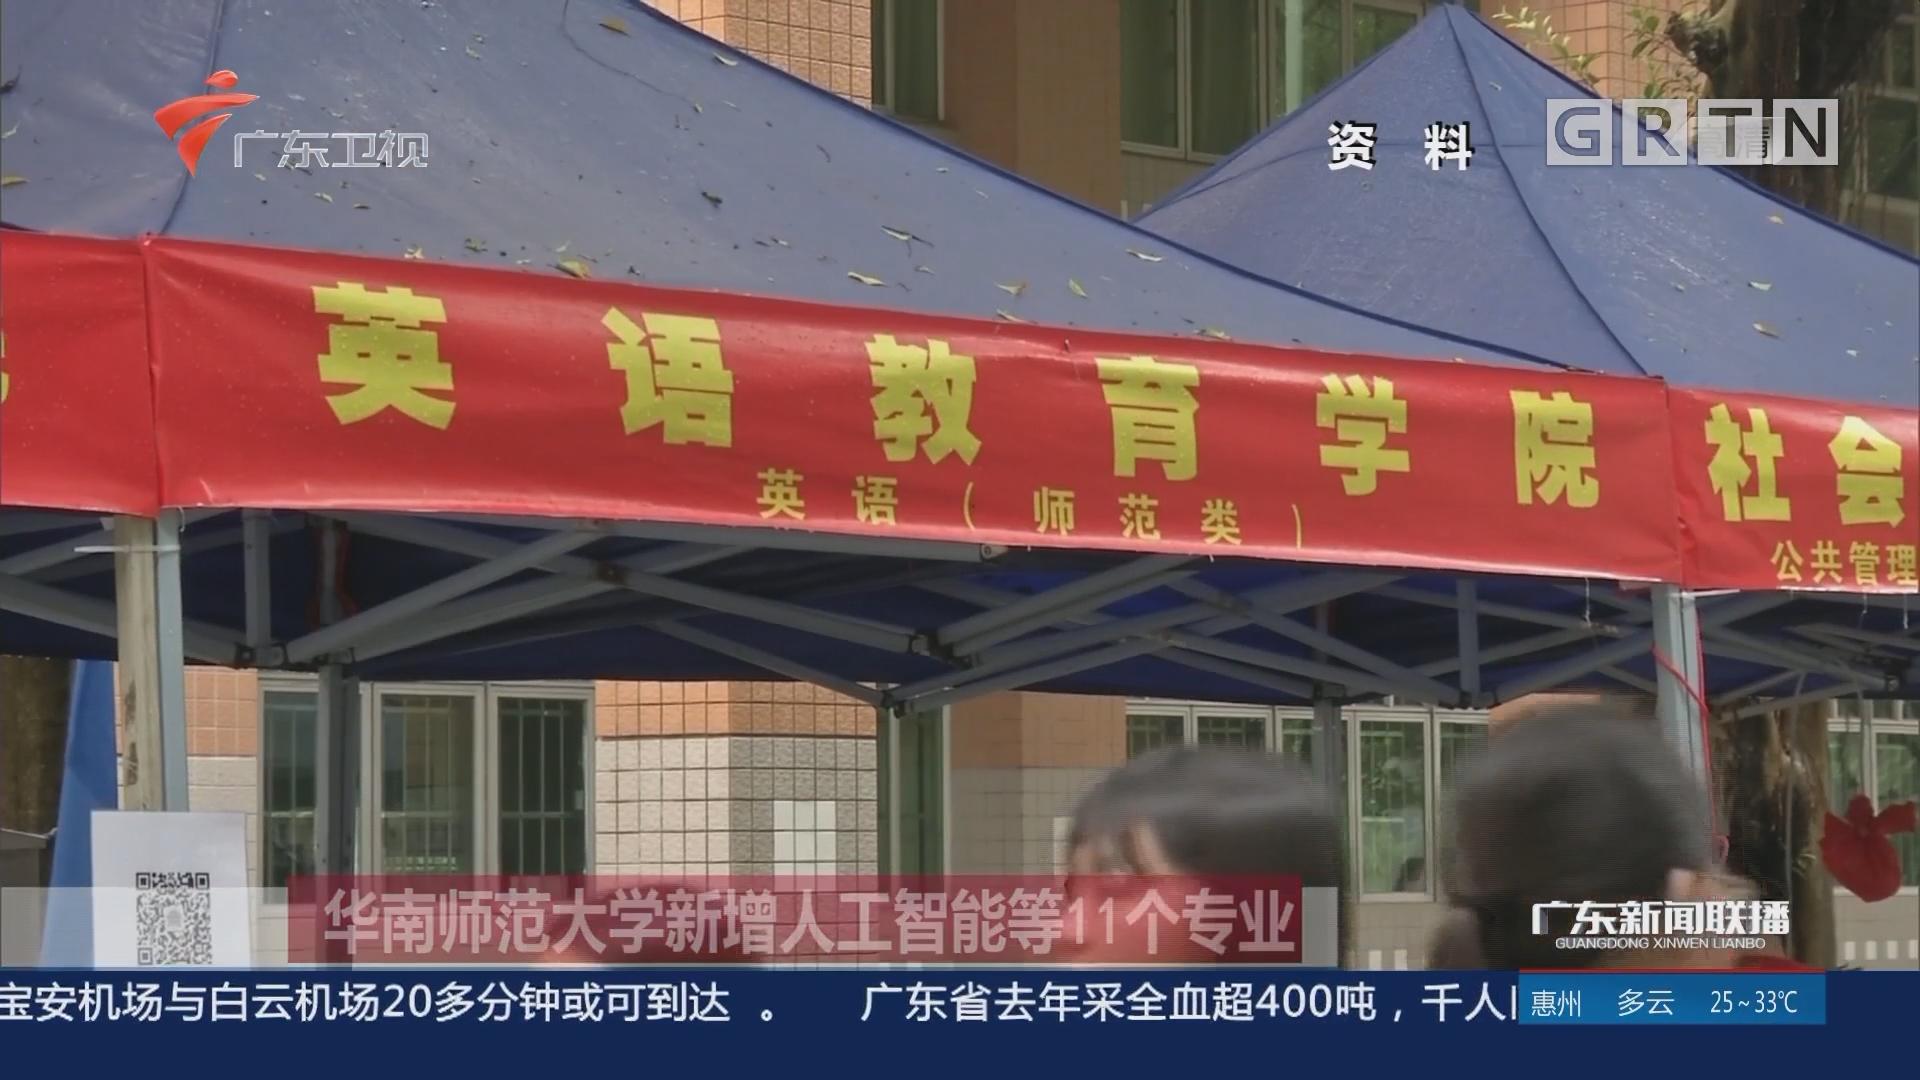 [HD][2019-06-16]廣東新聞聯播:人民日報評論員文章:堅定支持行政長官和特區政府依法施政